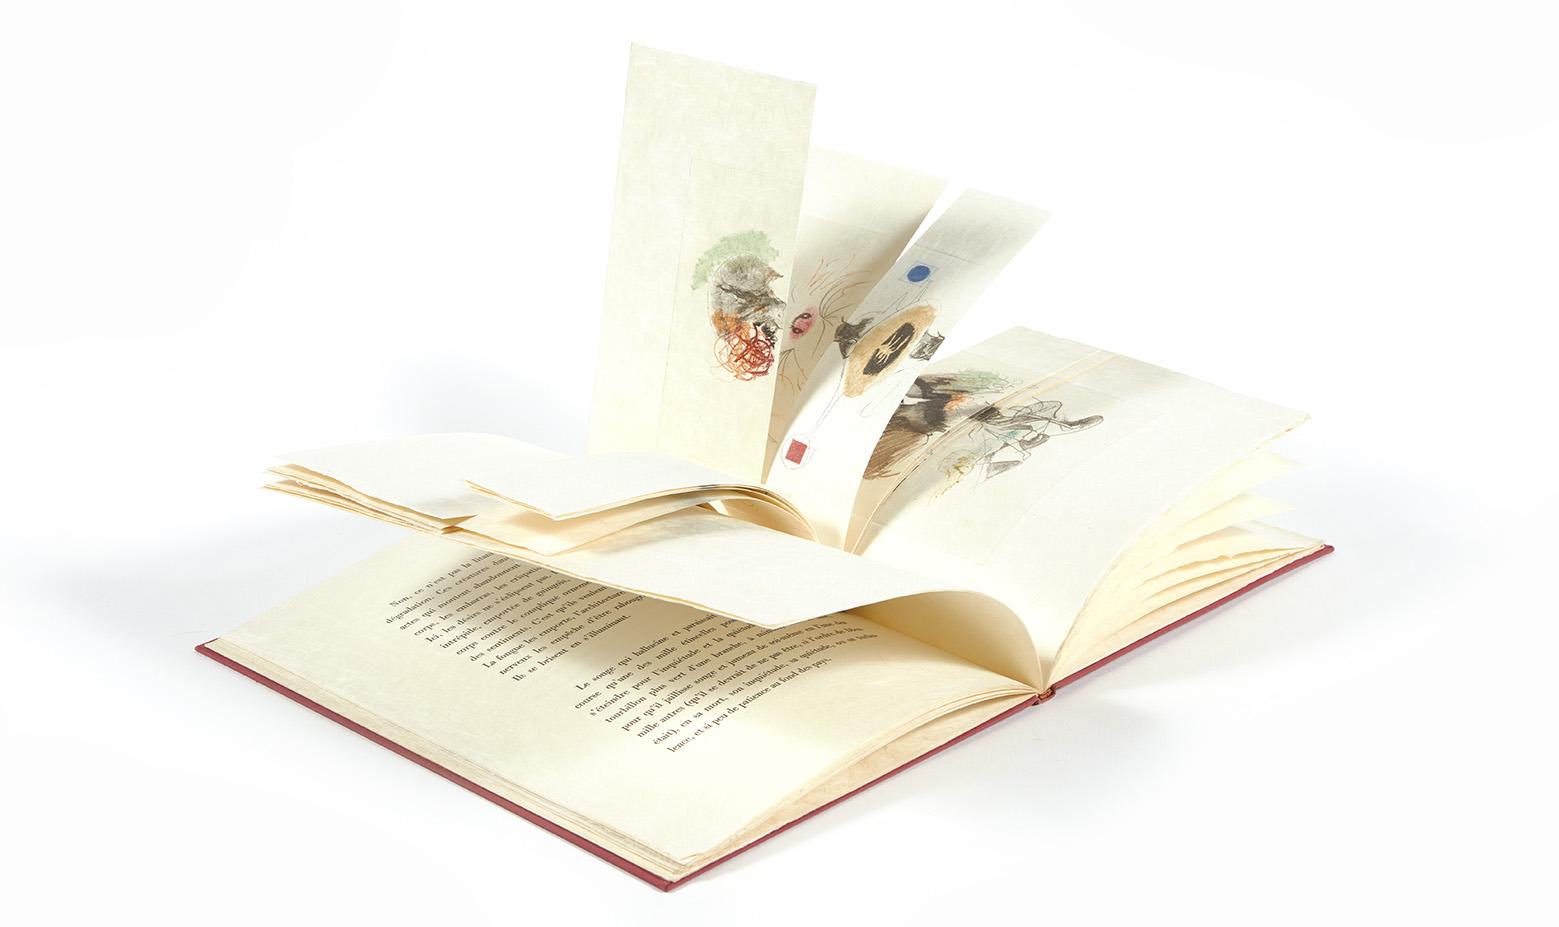 Léna Leclercq (1926-1987) - Dorothea Tanning (1910-2012), Personne, Paris, Georges Visat &Cie, 1962. Exemplaire n°9 de l'édition origina